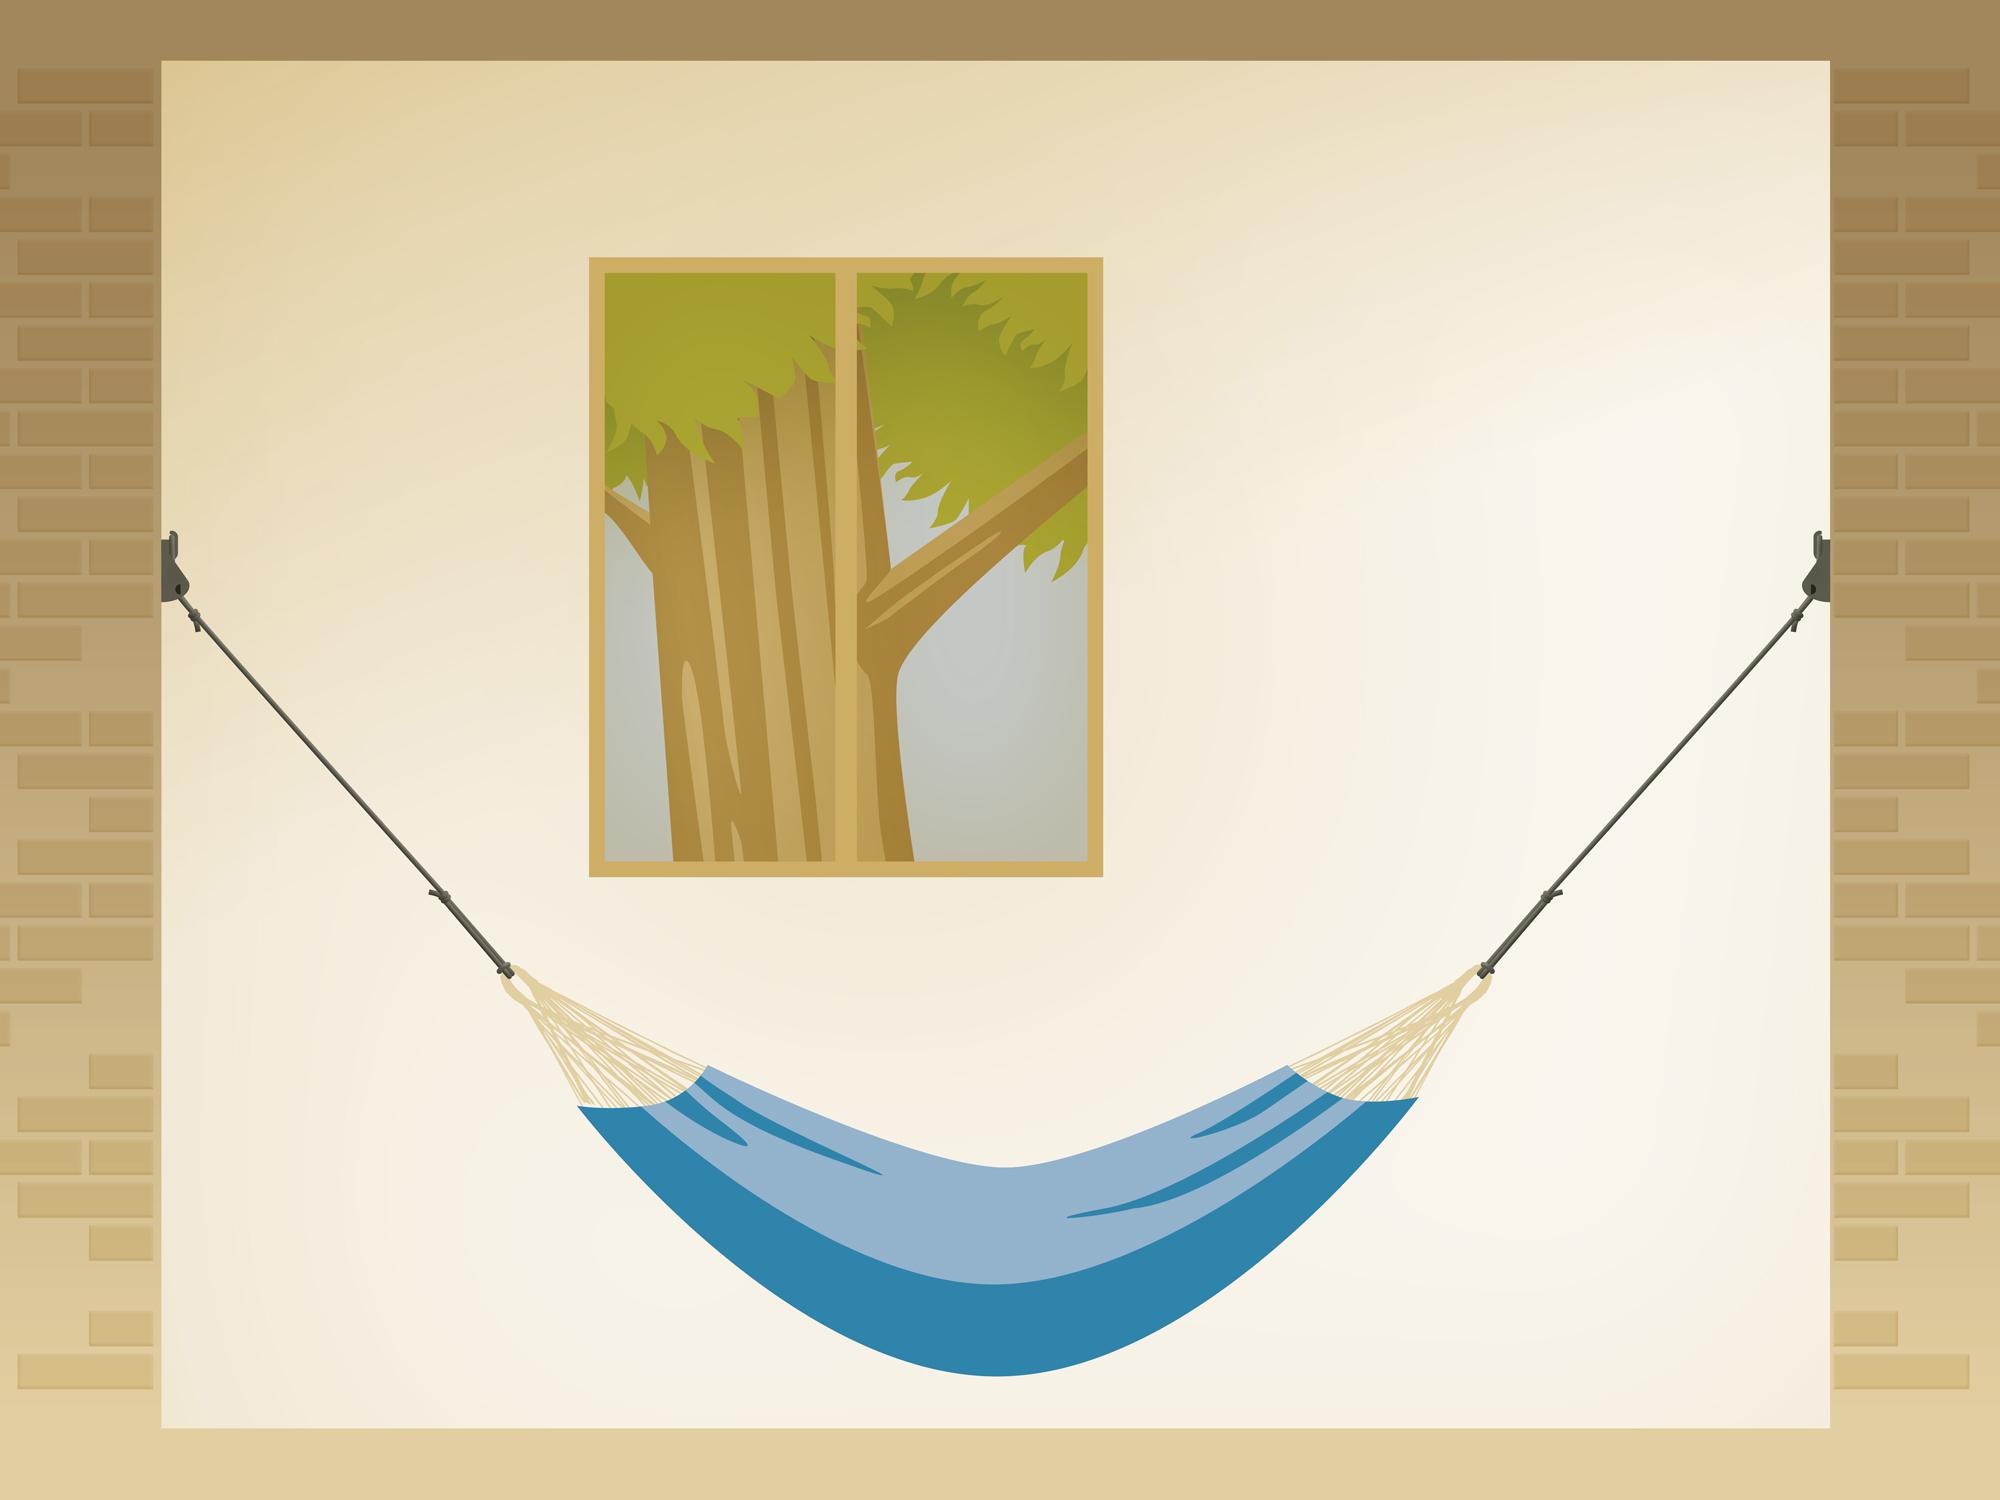 Hängematte aufhängen - Home Rope